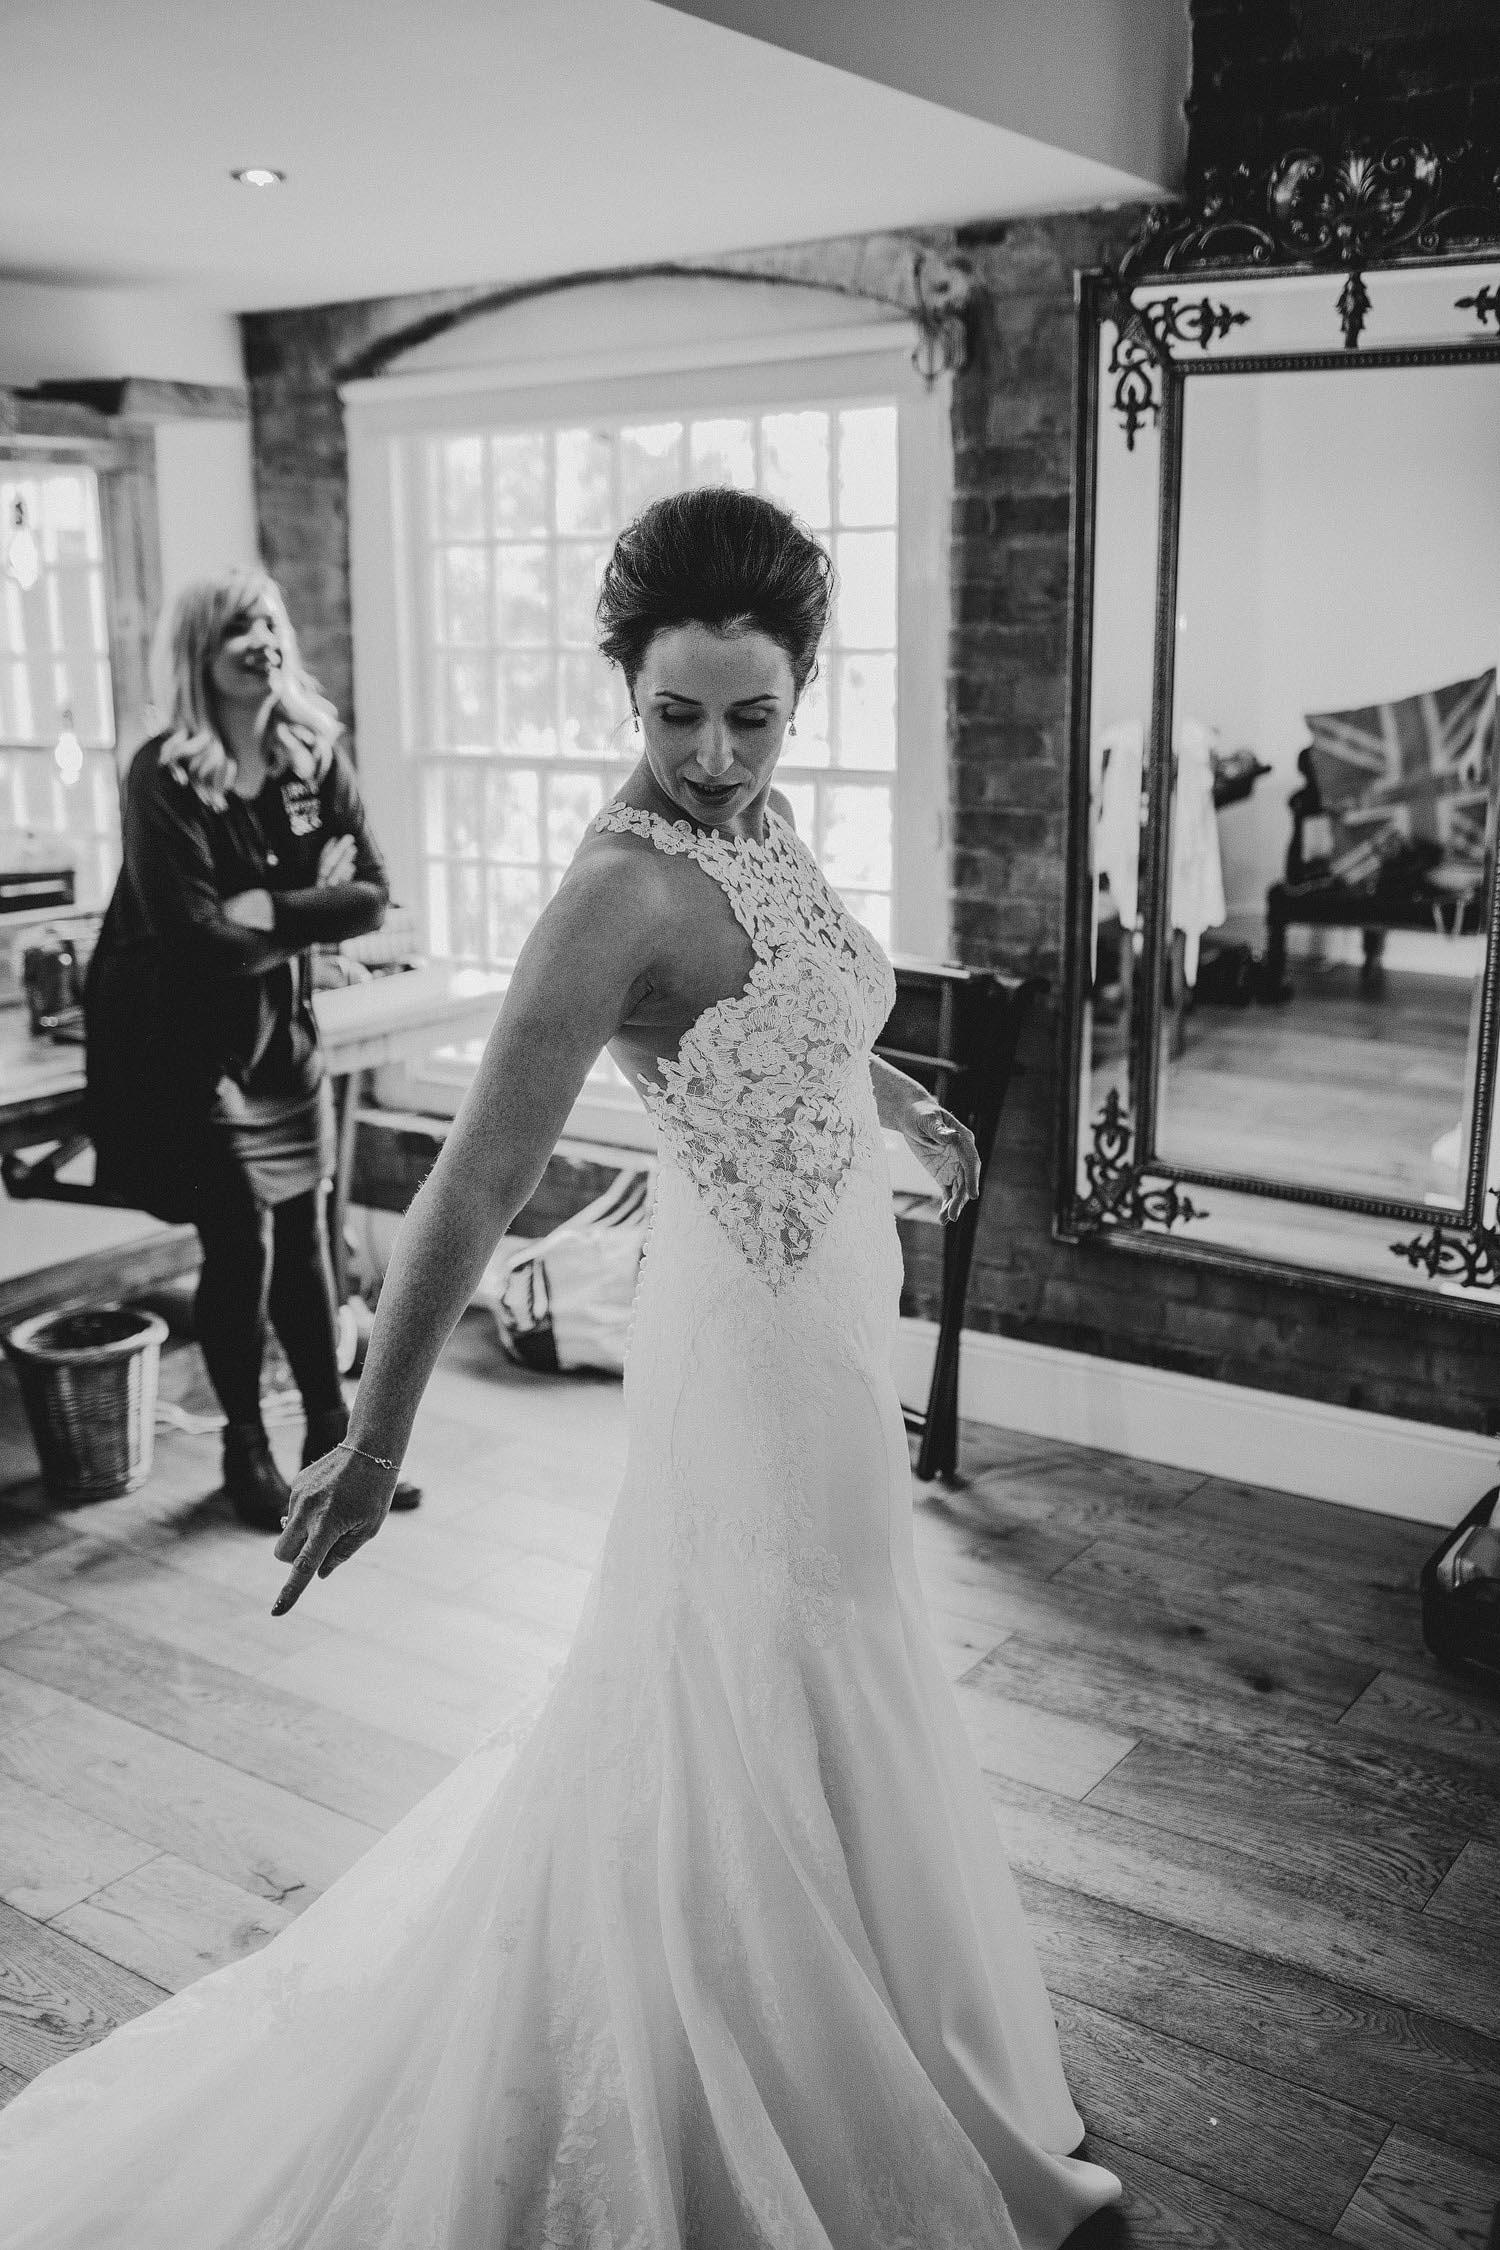 West mill wedding details